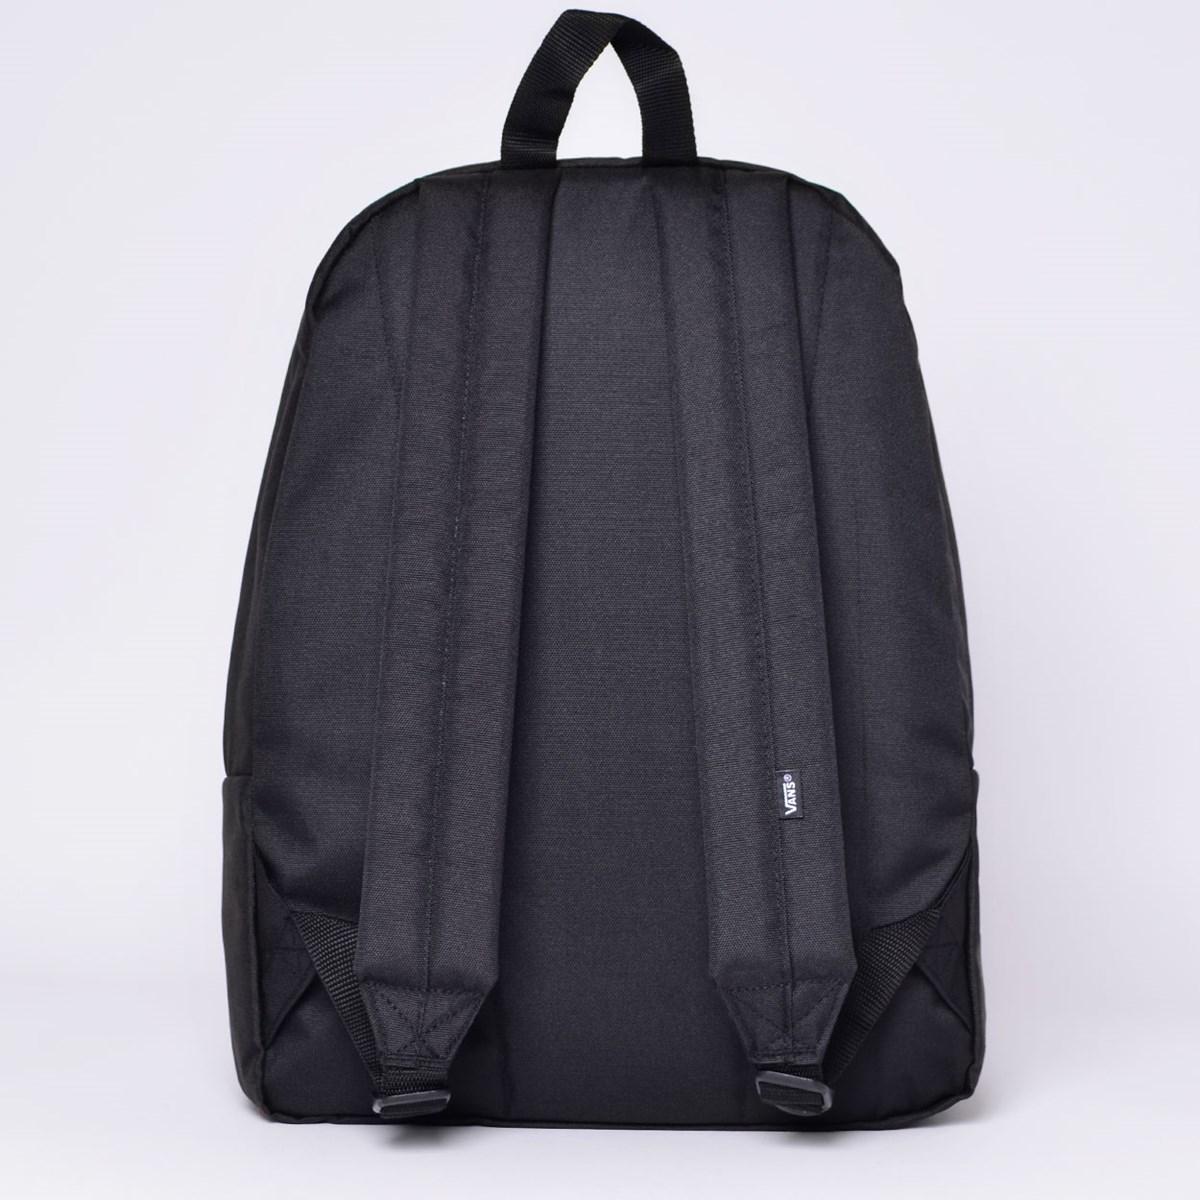 Mochila Vans Old Skool II Backpack Black White VN000ONIY28